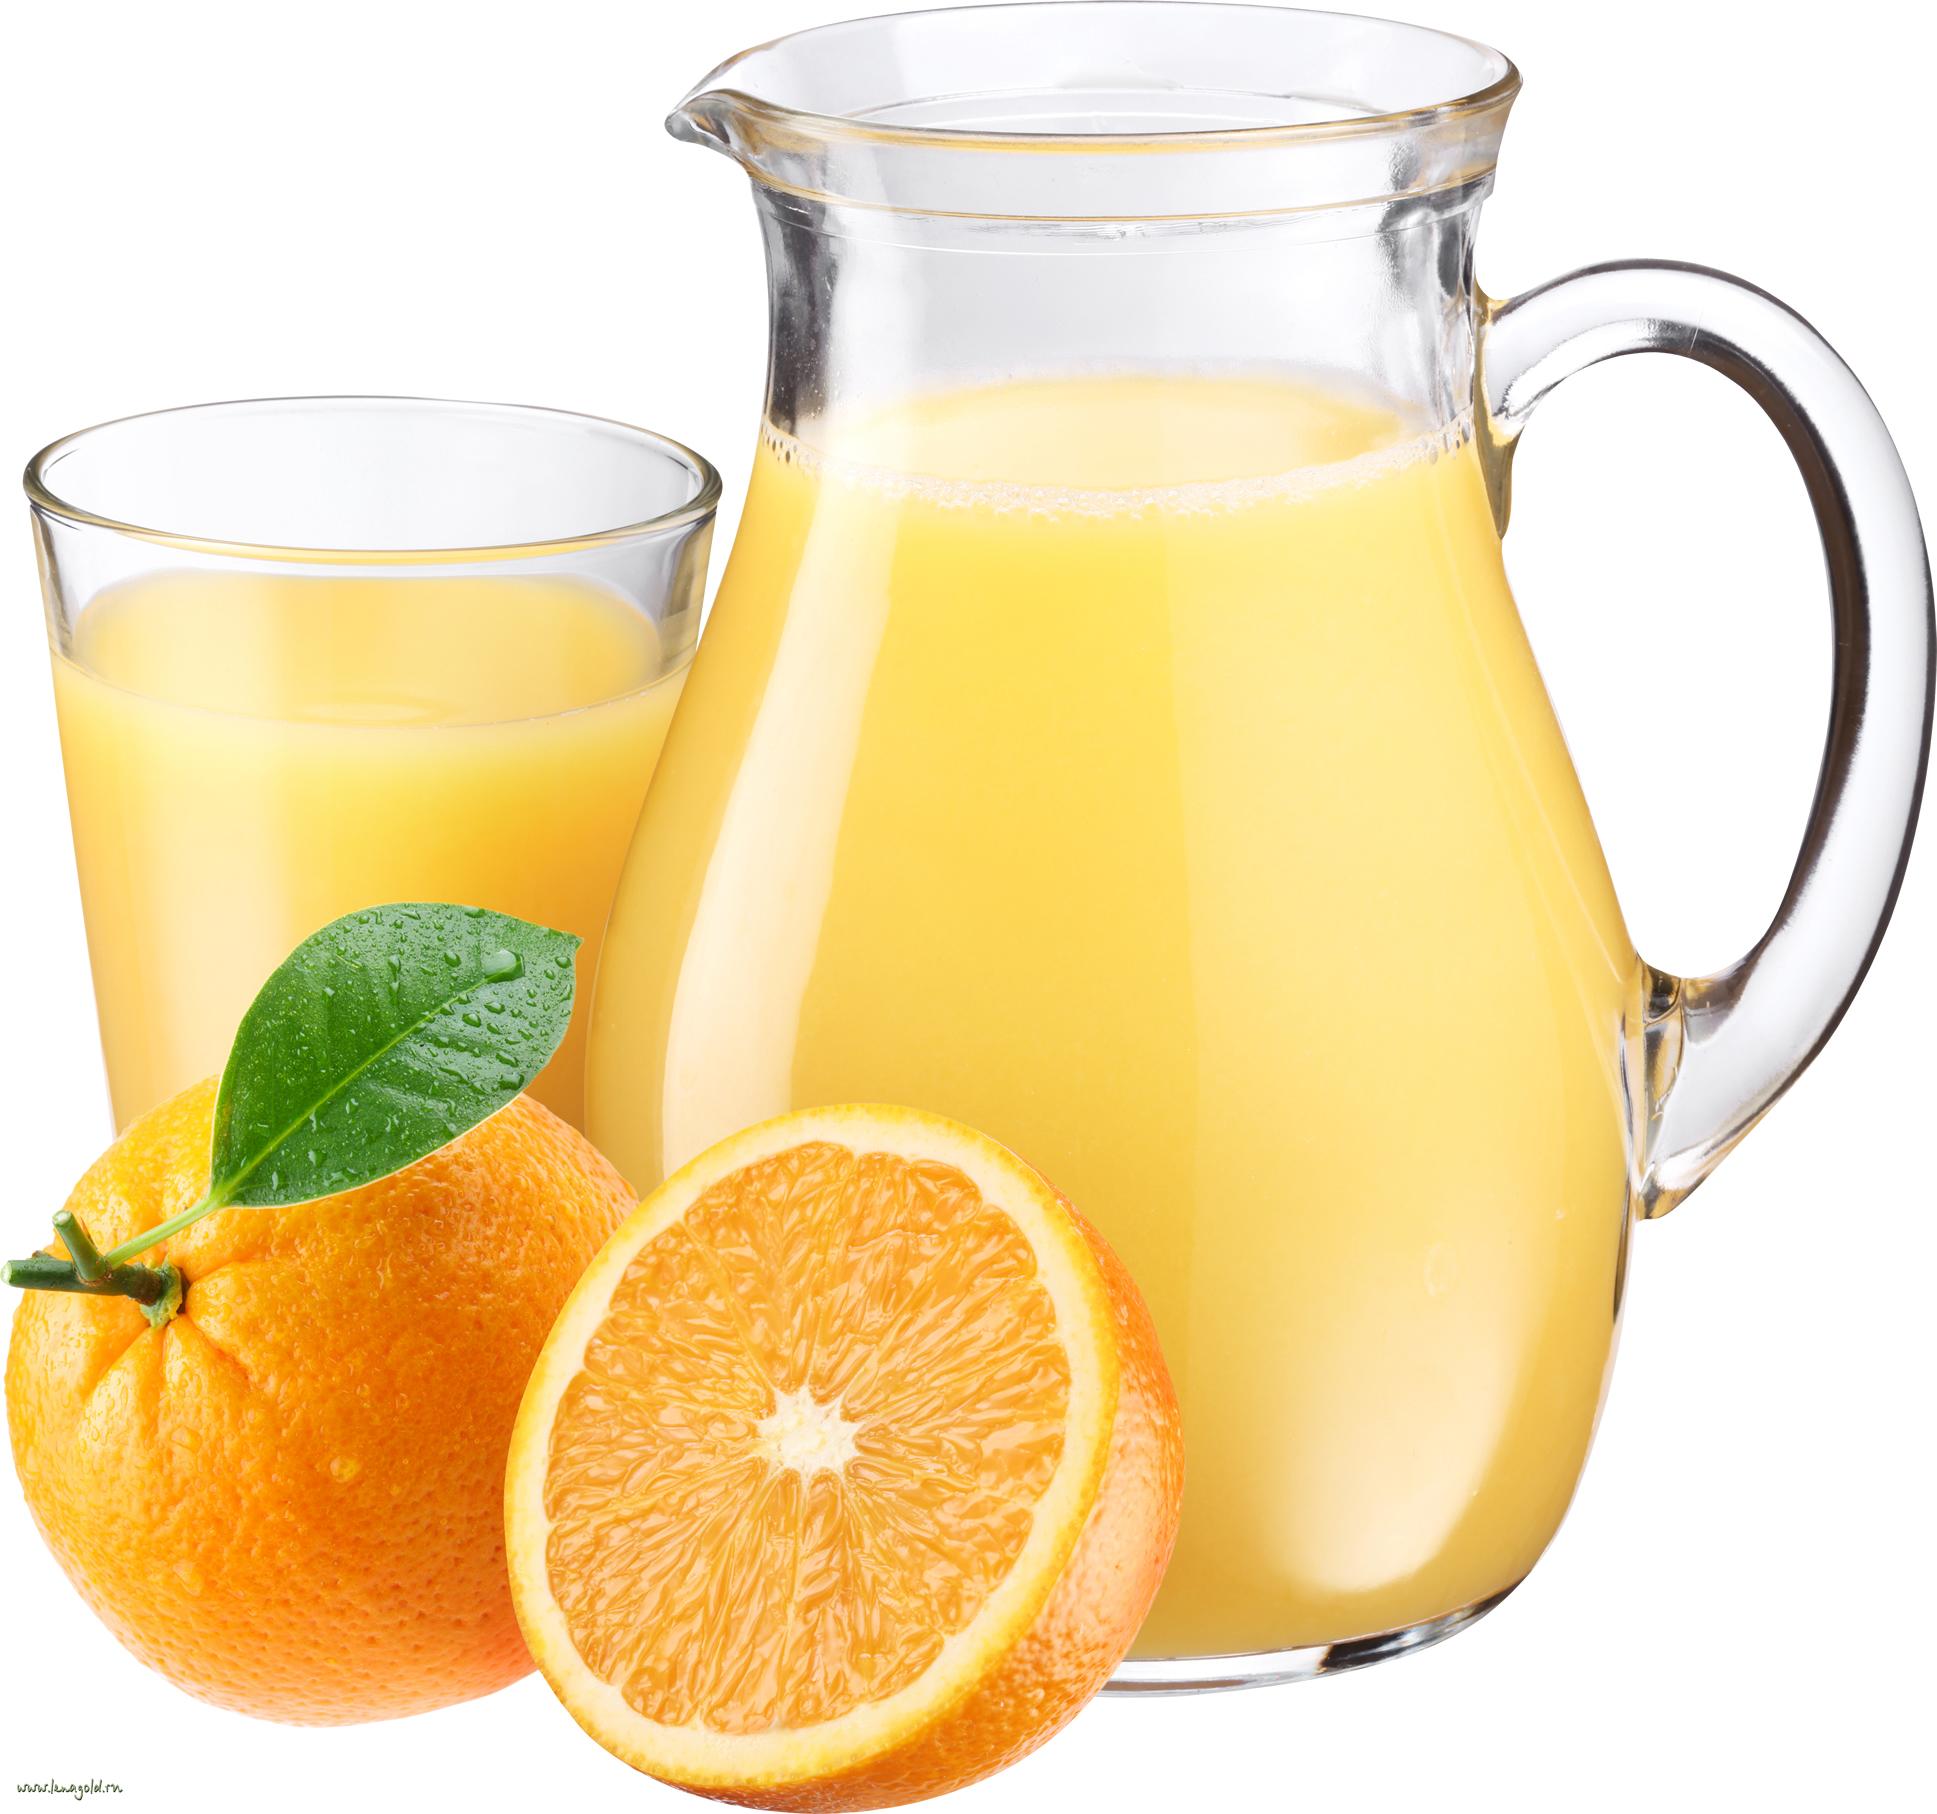 Апельсиновый сок, фото, обои, апельсины